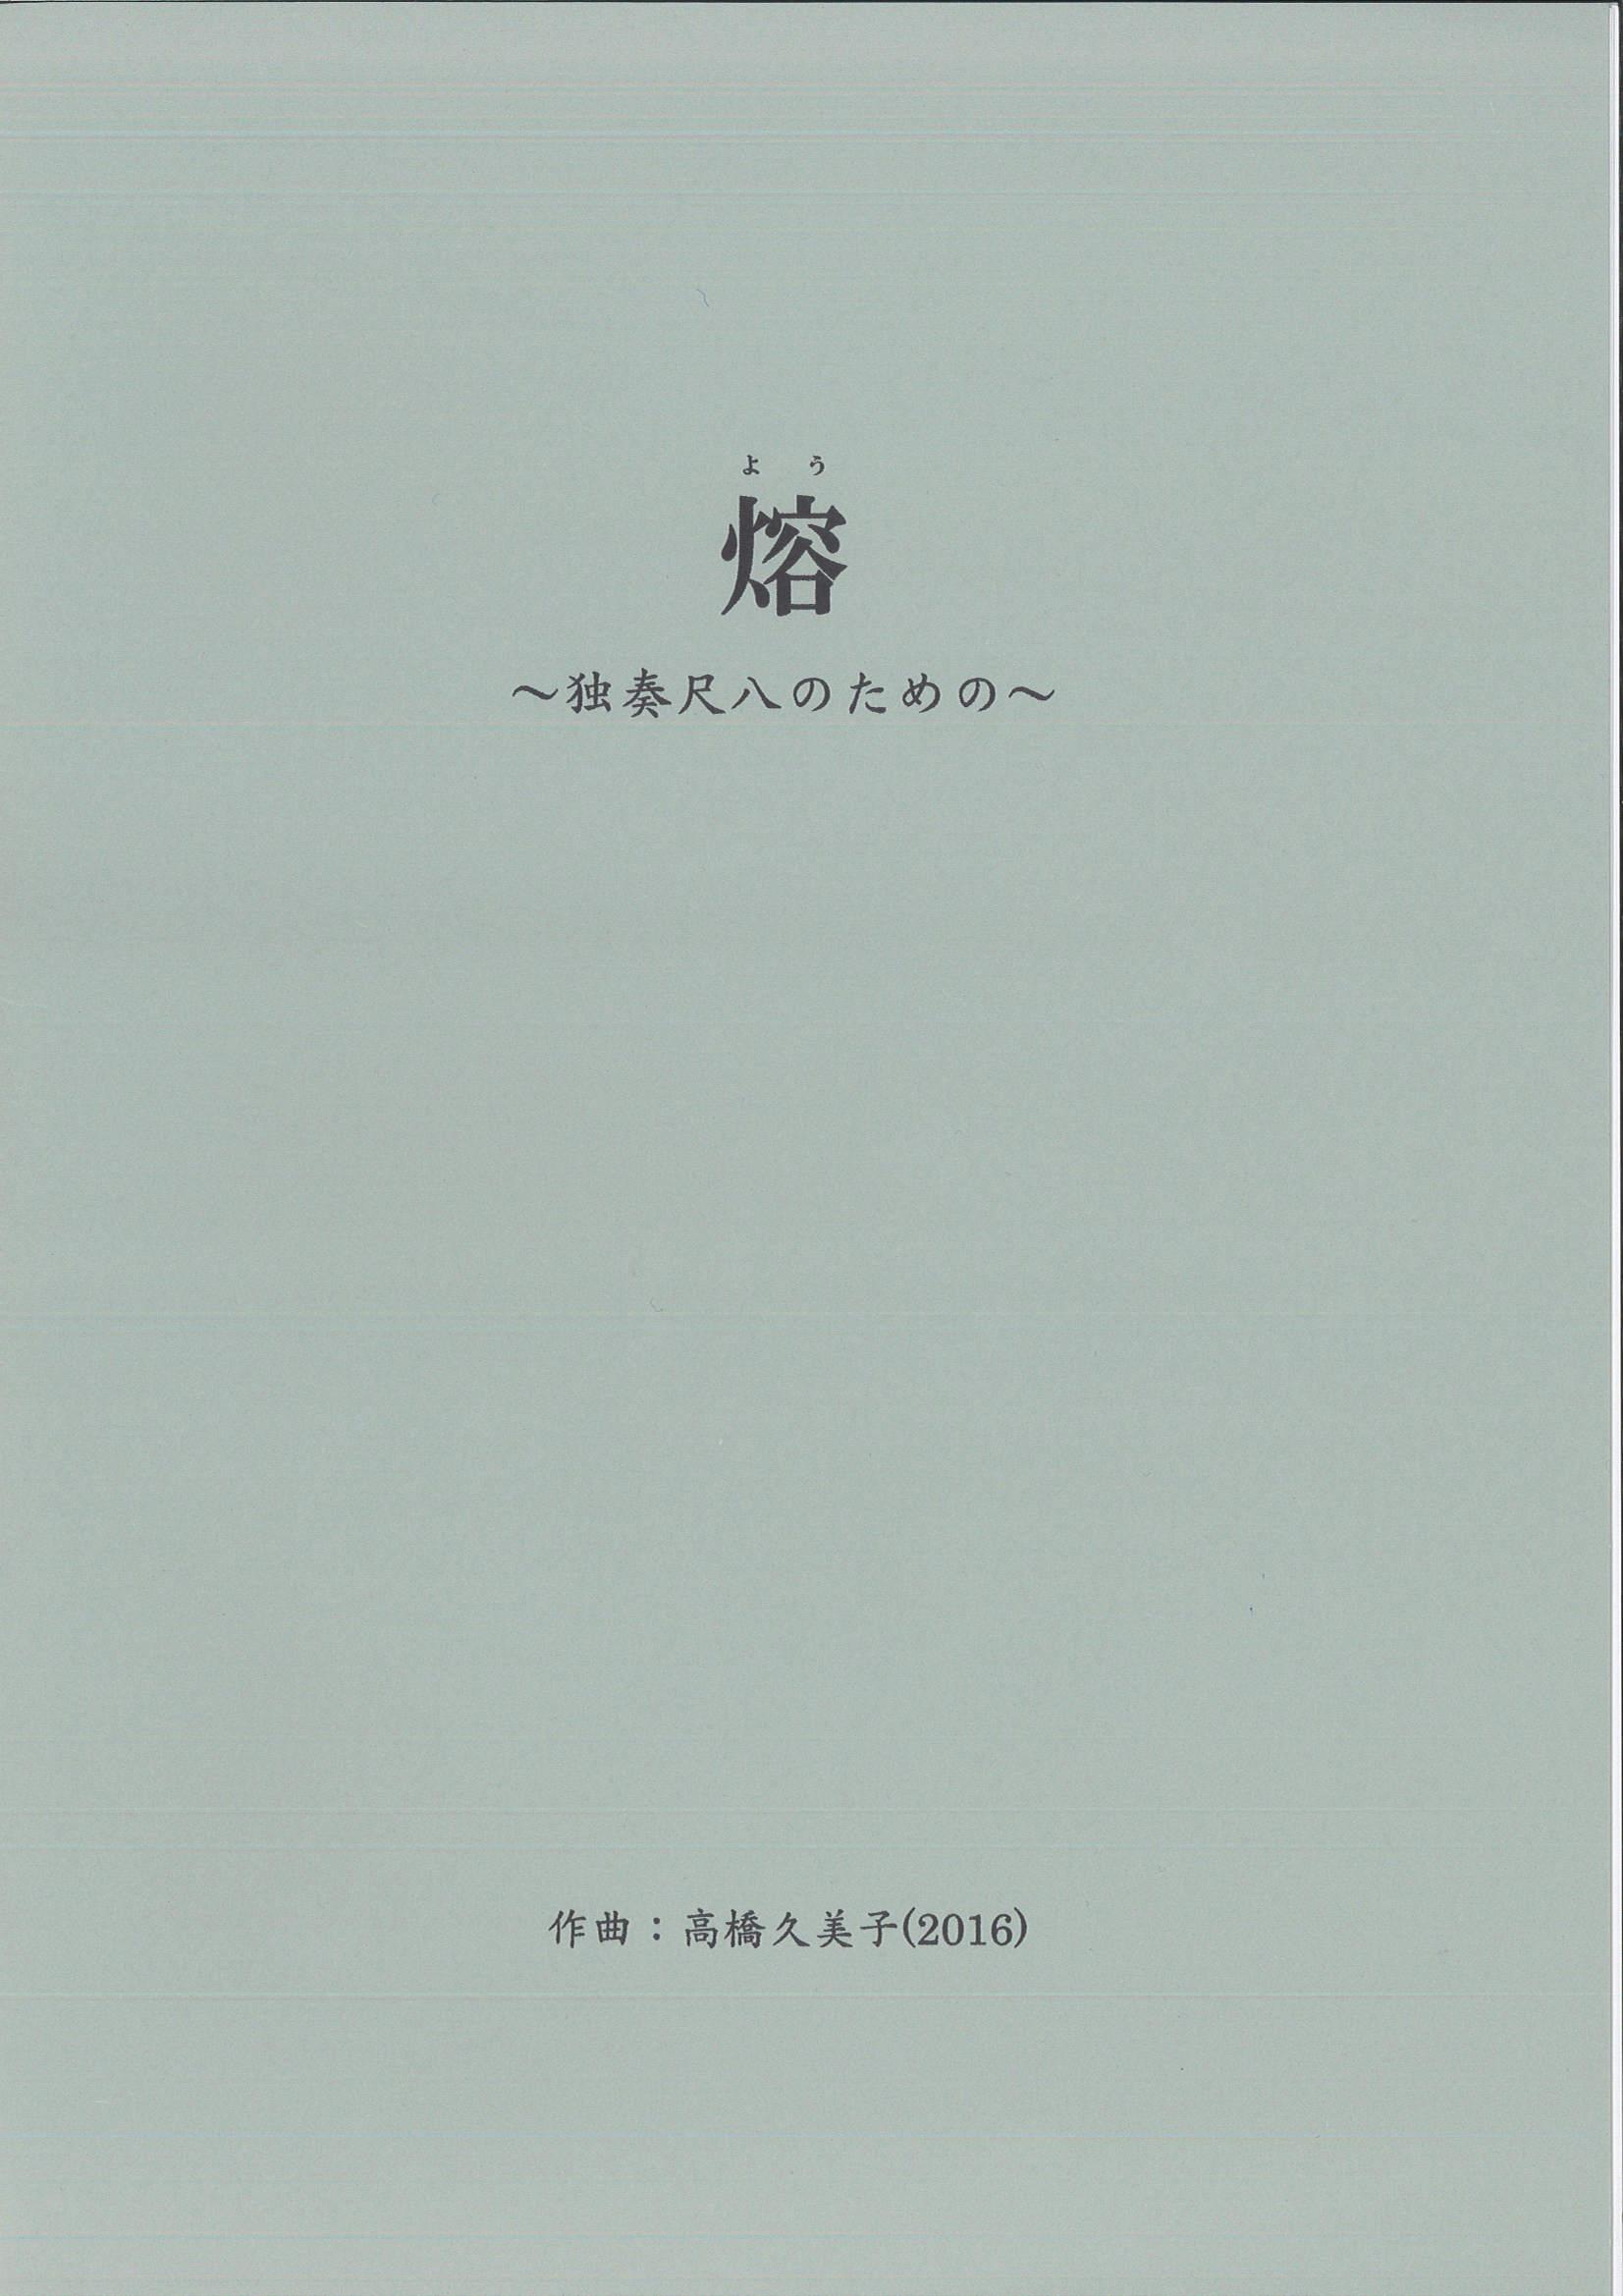 五線譜 熔─独奏尺八のための[5616]